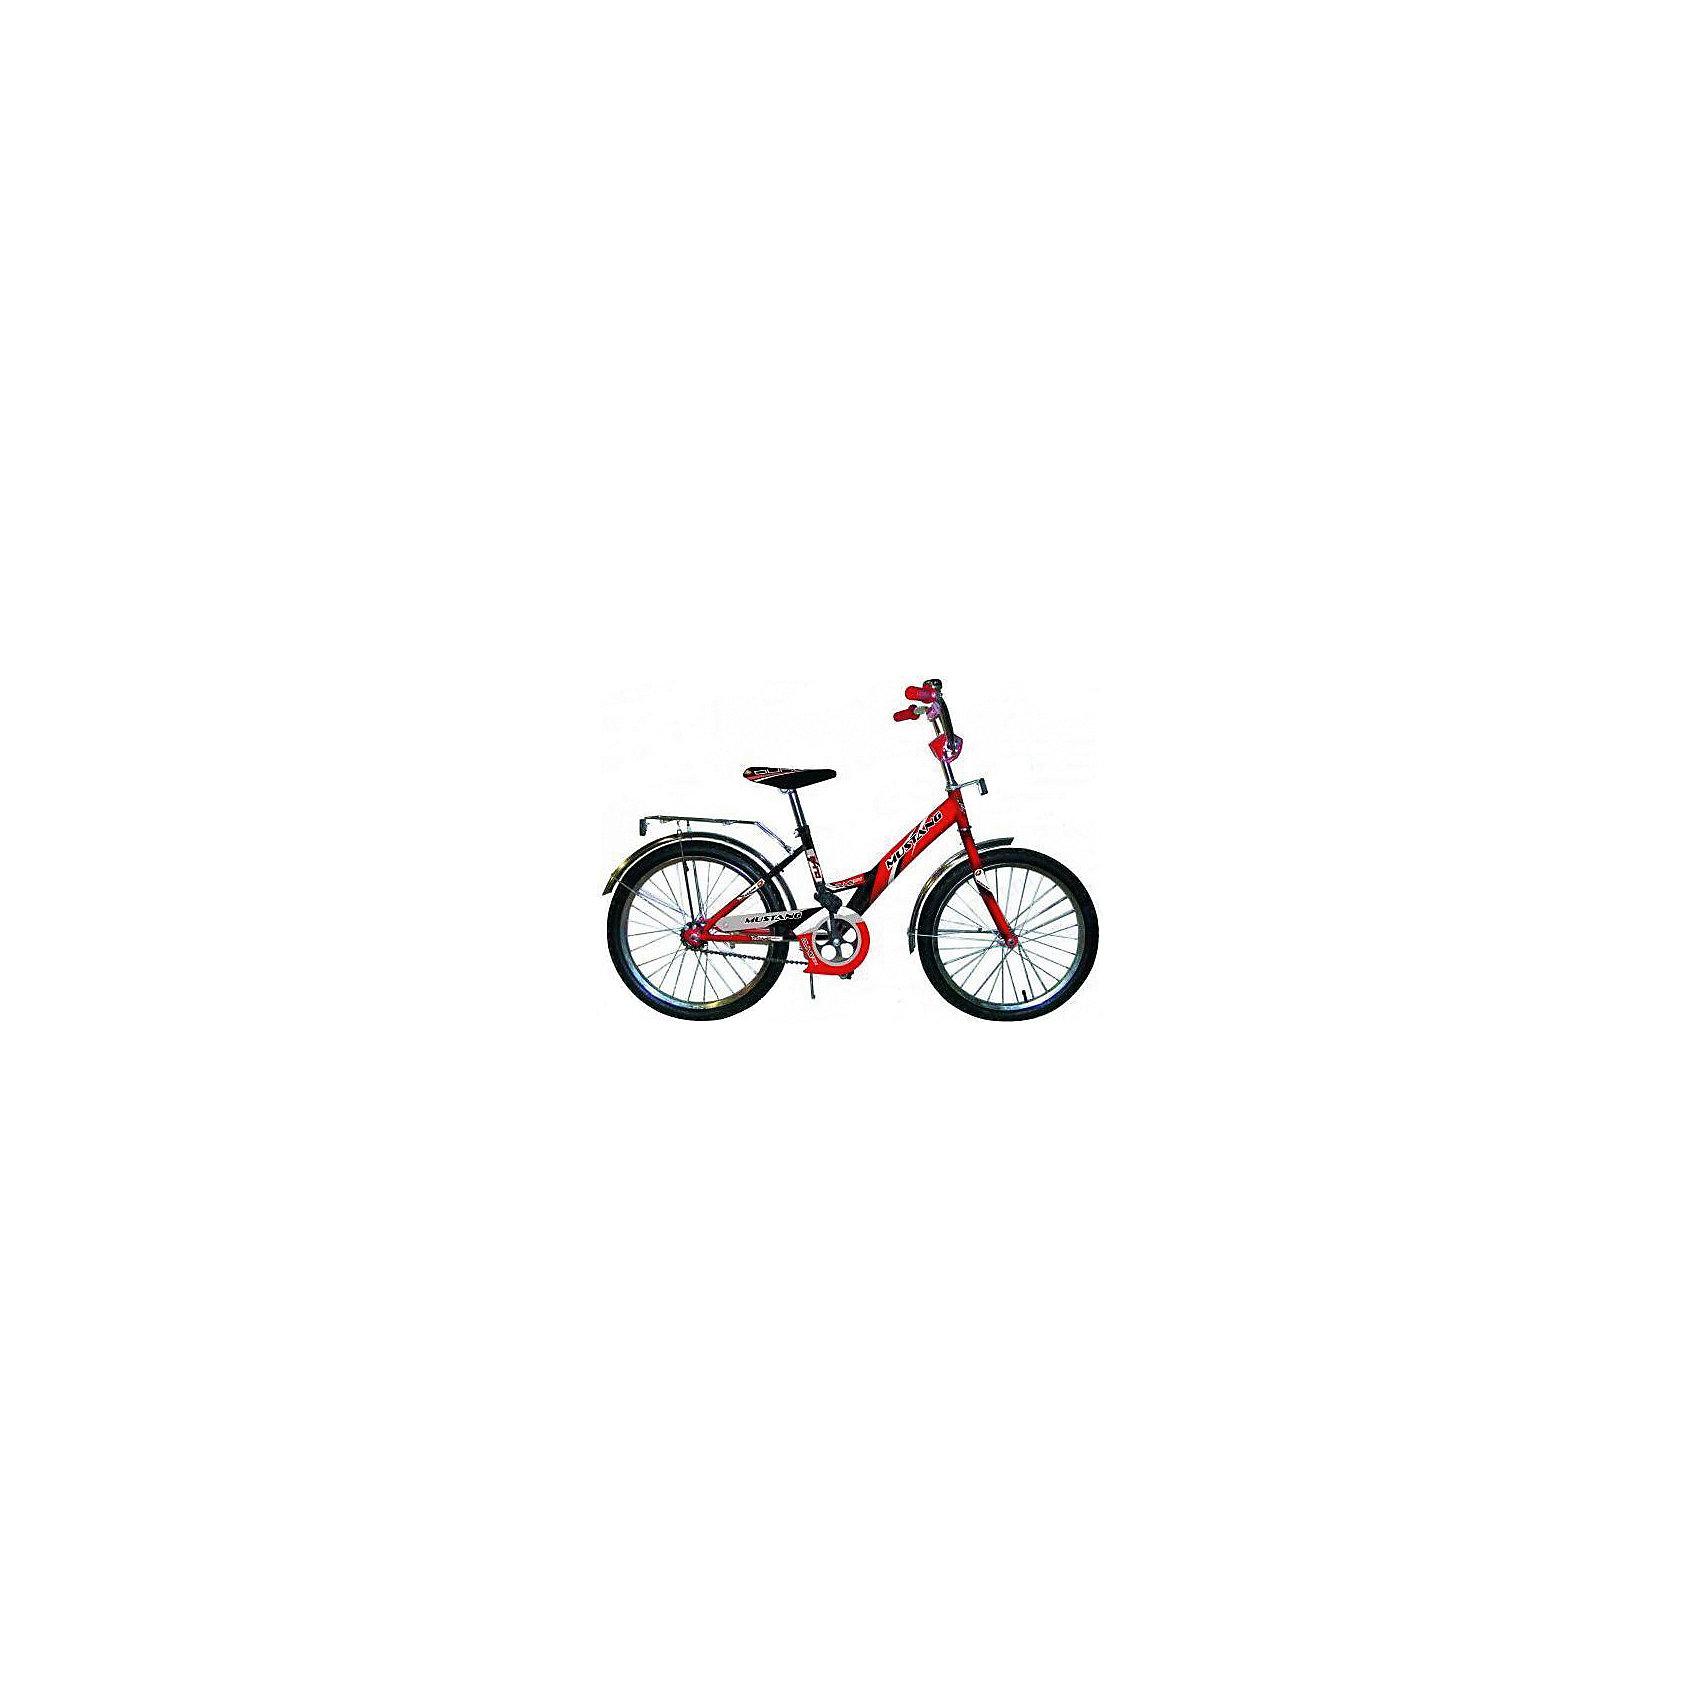 """Детский велосипед,  20,  красный/черный, MustangВелосипед детский «Mustang» 20, низкая рама, 1 скорость, задний ножной тормоз, регулируемый хромированный руль BMX с защитной накладкой, багажник и звонок, приставные пластиковые колеса с усиленным кронштейном, усиленные хромированные крылья, подножка средняя хром, полная защита цепи """"Р"""" типа,  красный/черный<br><br>Ширина мм: 580<br>Глубина мм: 920<br>Высота мм: 1290<br>Вес г: 13800<br>Возраст от месяцев: 48<br>Возраст до месяцев: 120<br>Пол: Унисекс<br>Возраст: Детский<br>SKU: 5526374"""